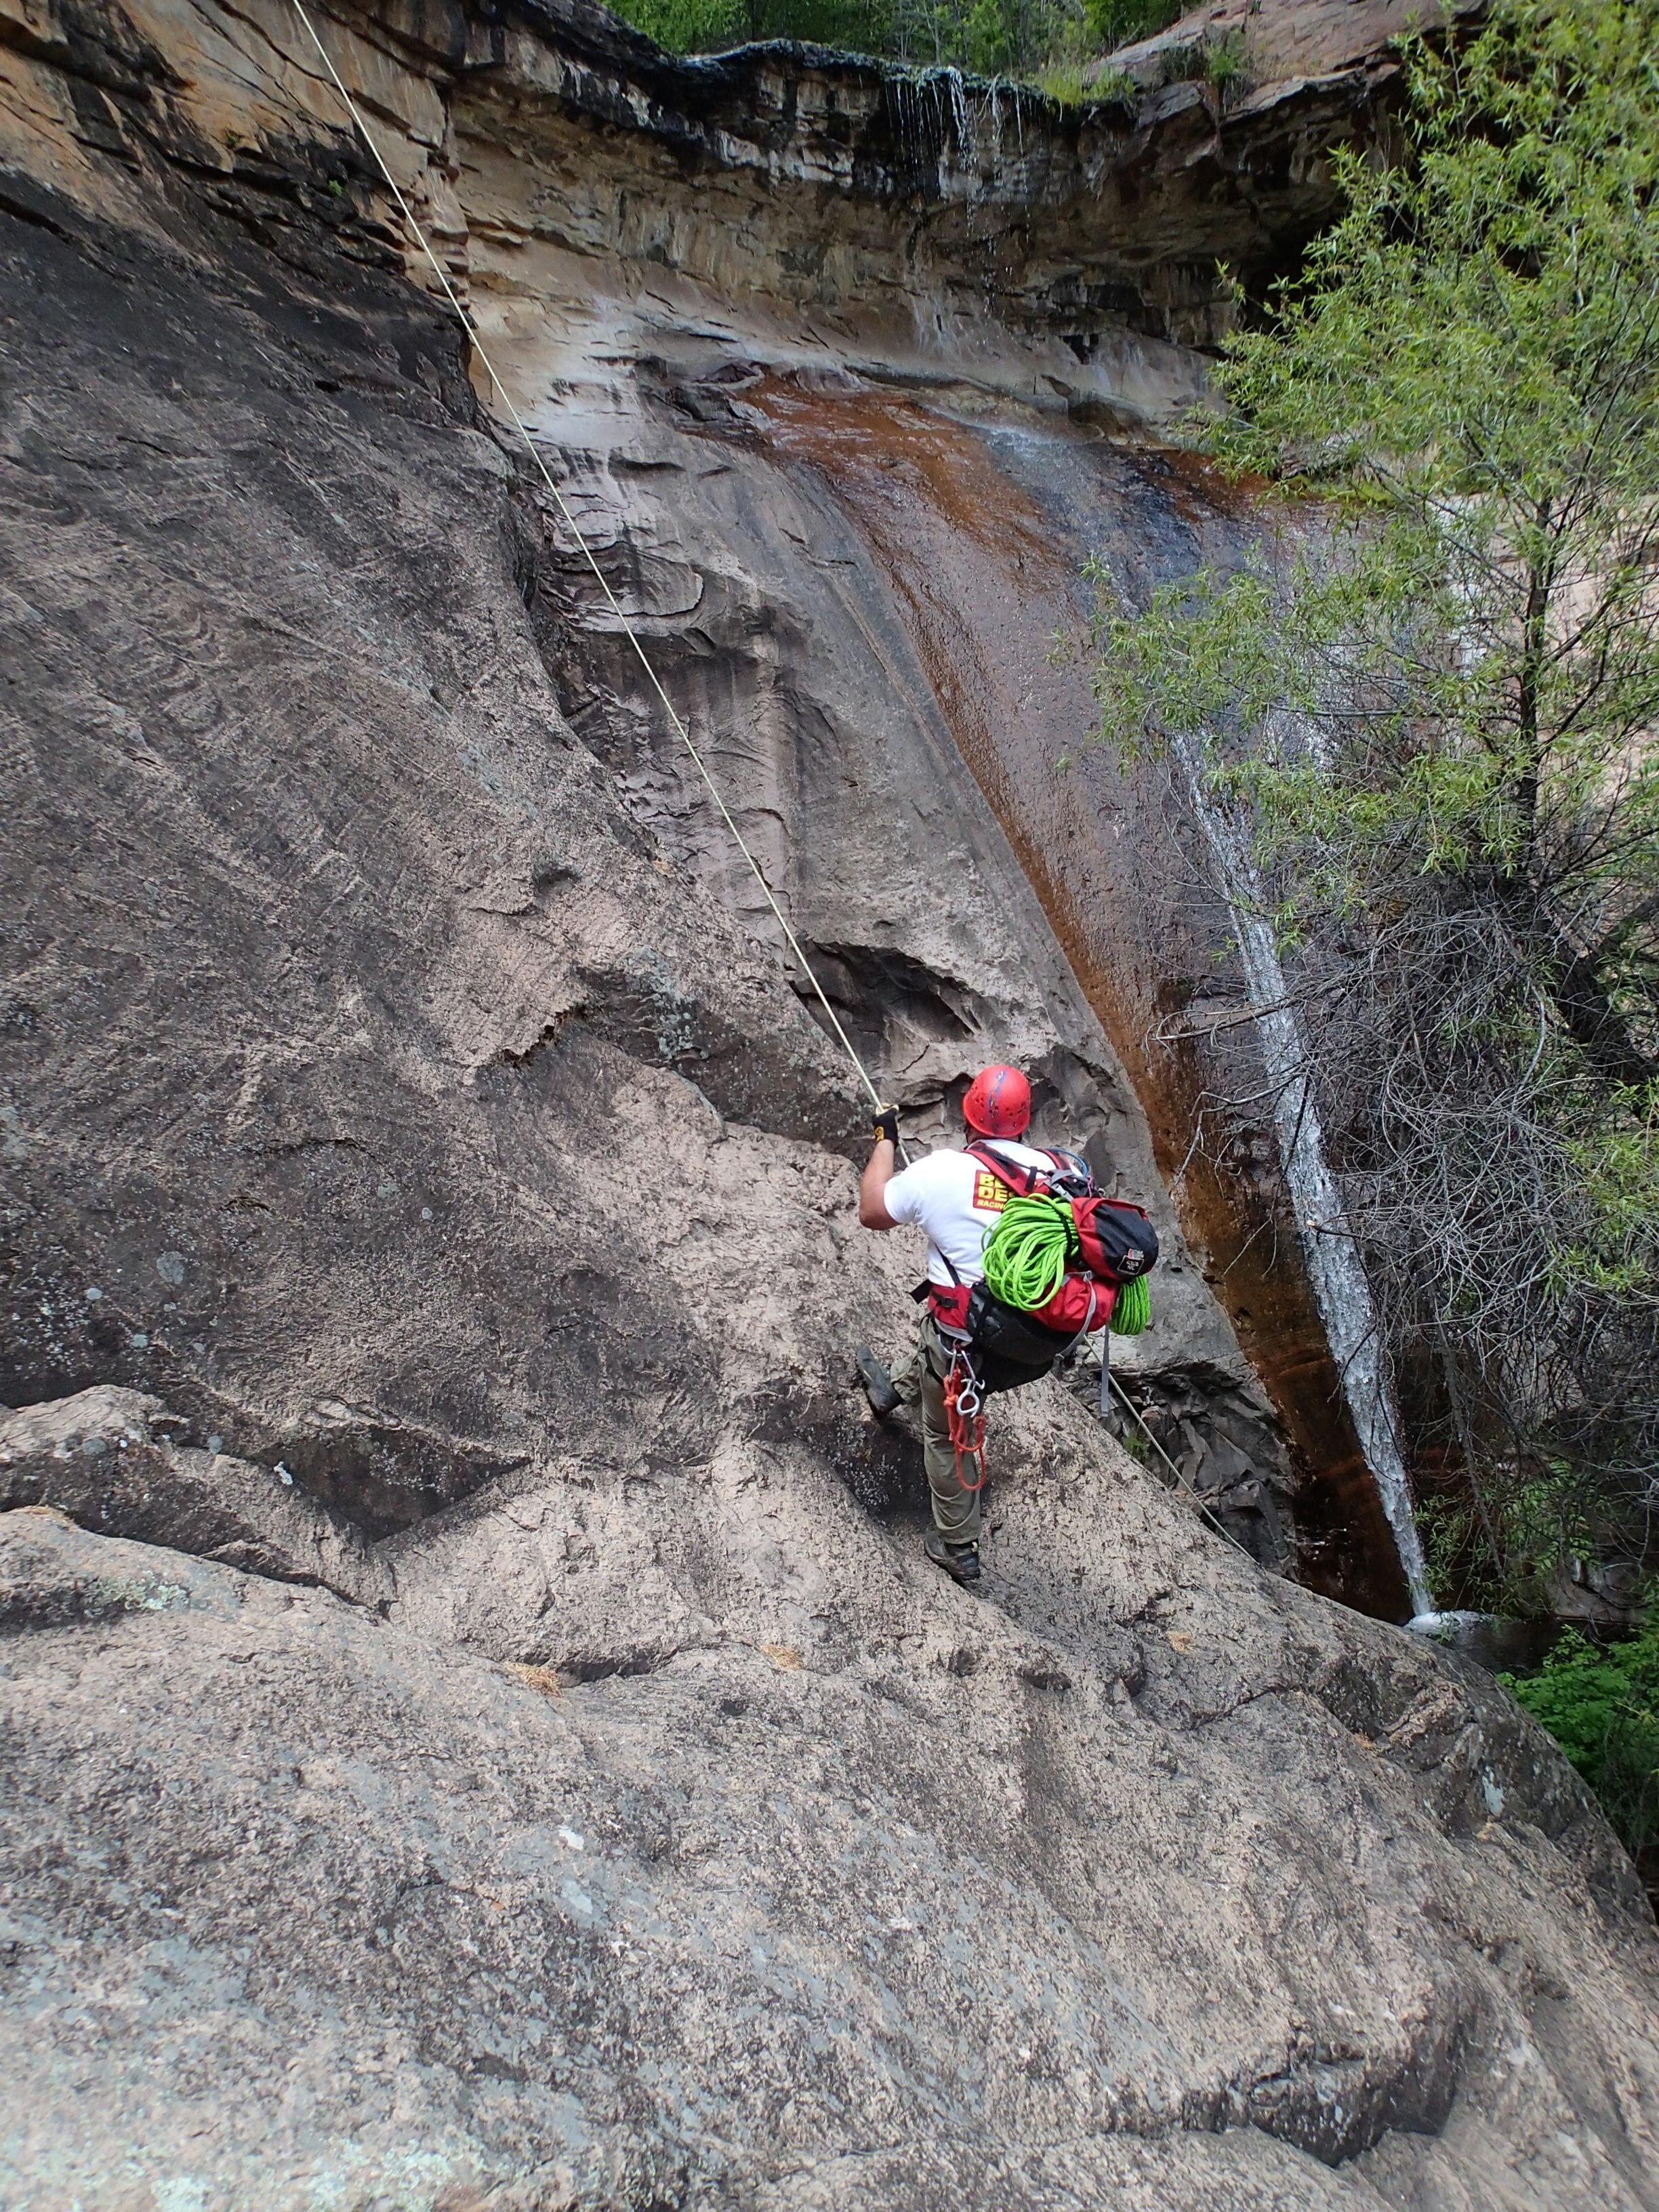 Pueblo Canyon, AZ - 072